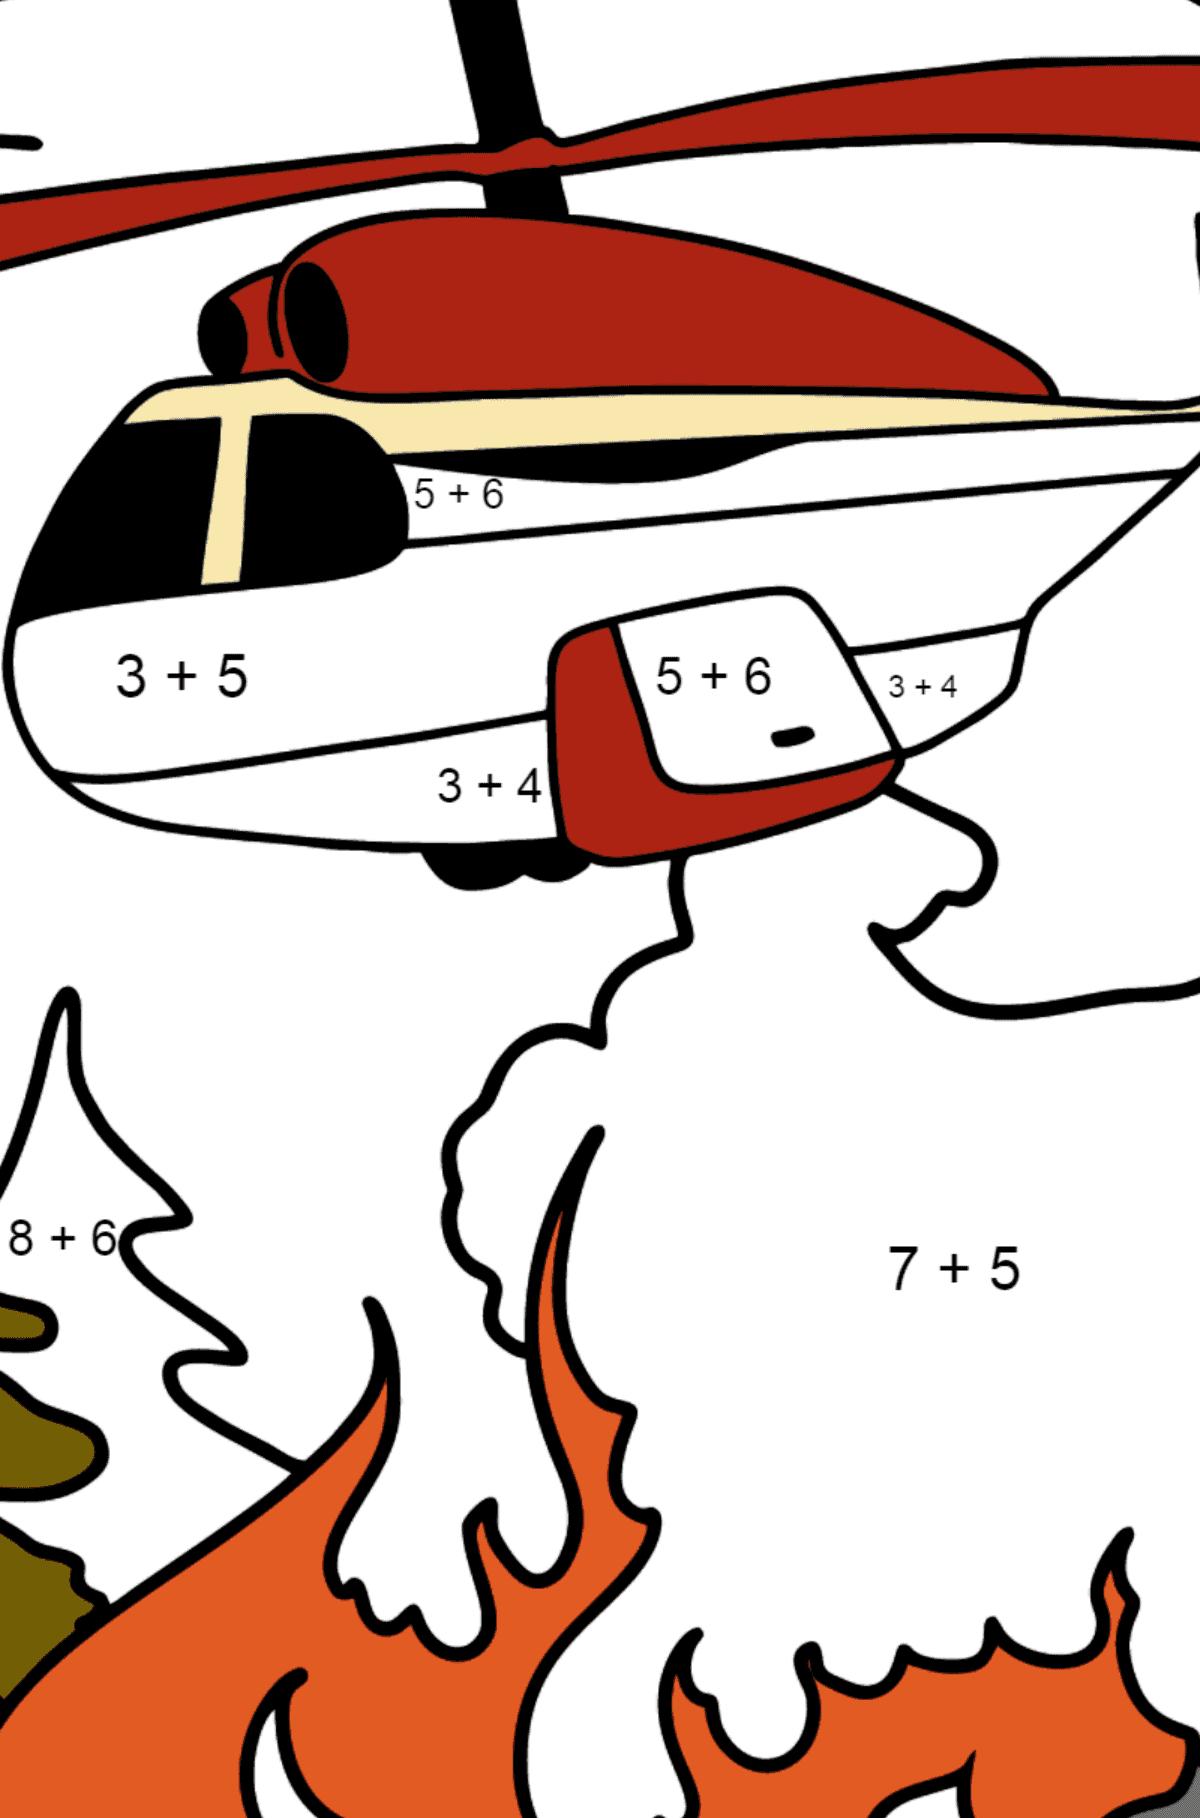 Раскраска вертолет тушит пожар - Математическая Раскраска - Сложение для Детей